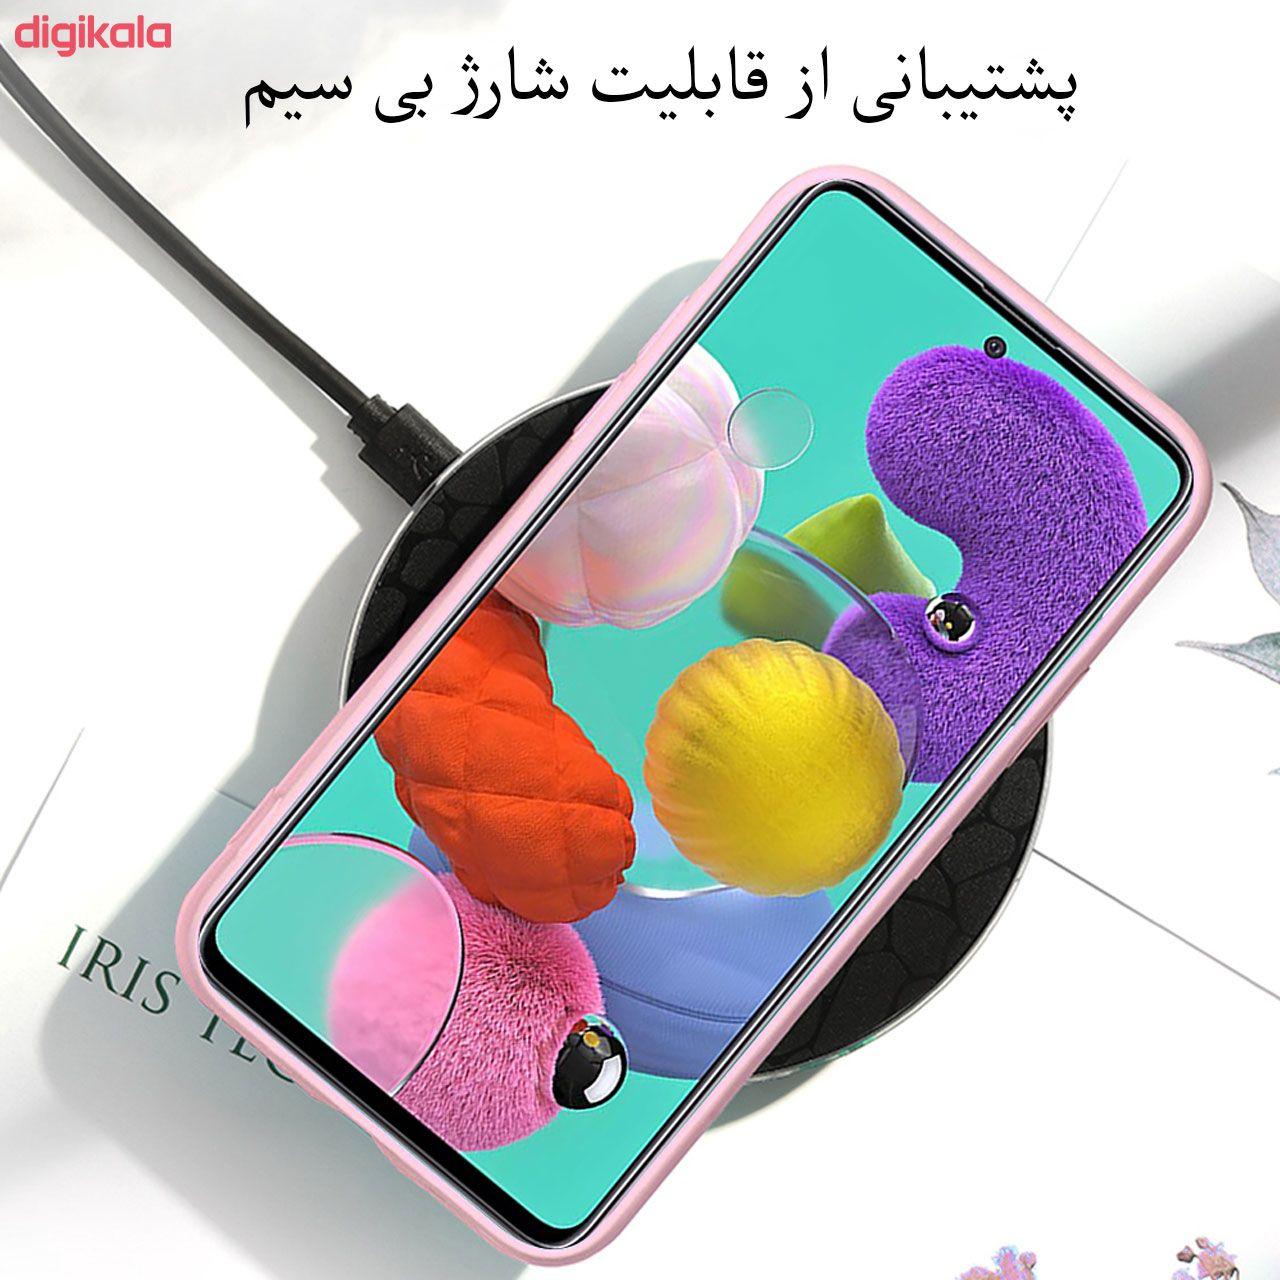 کاور مدل SLCN مناسب برای گوشی موبایل سامسونگ Galaxy A51 main 1 10